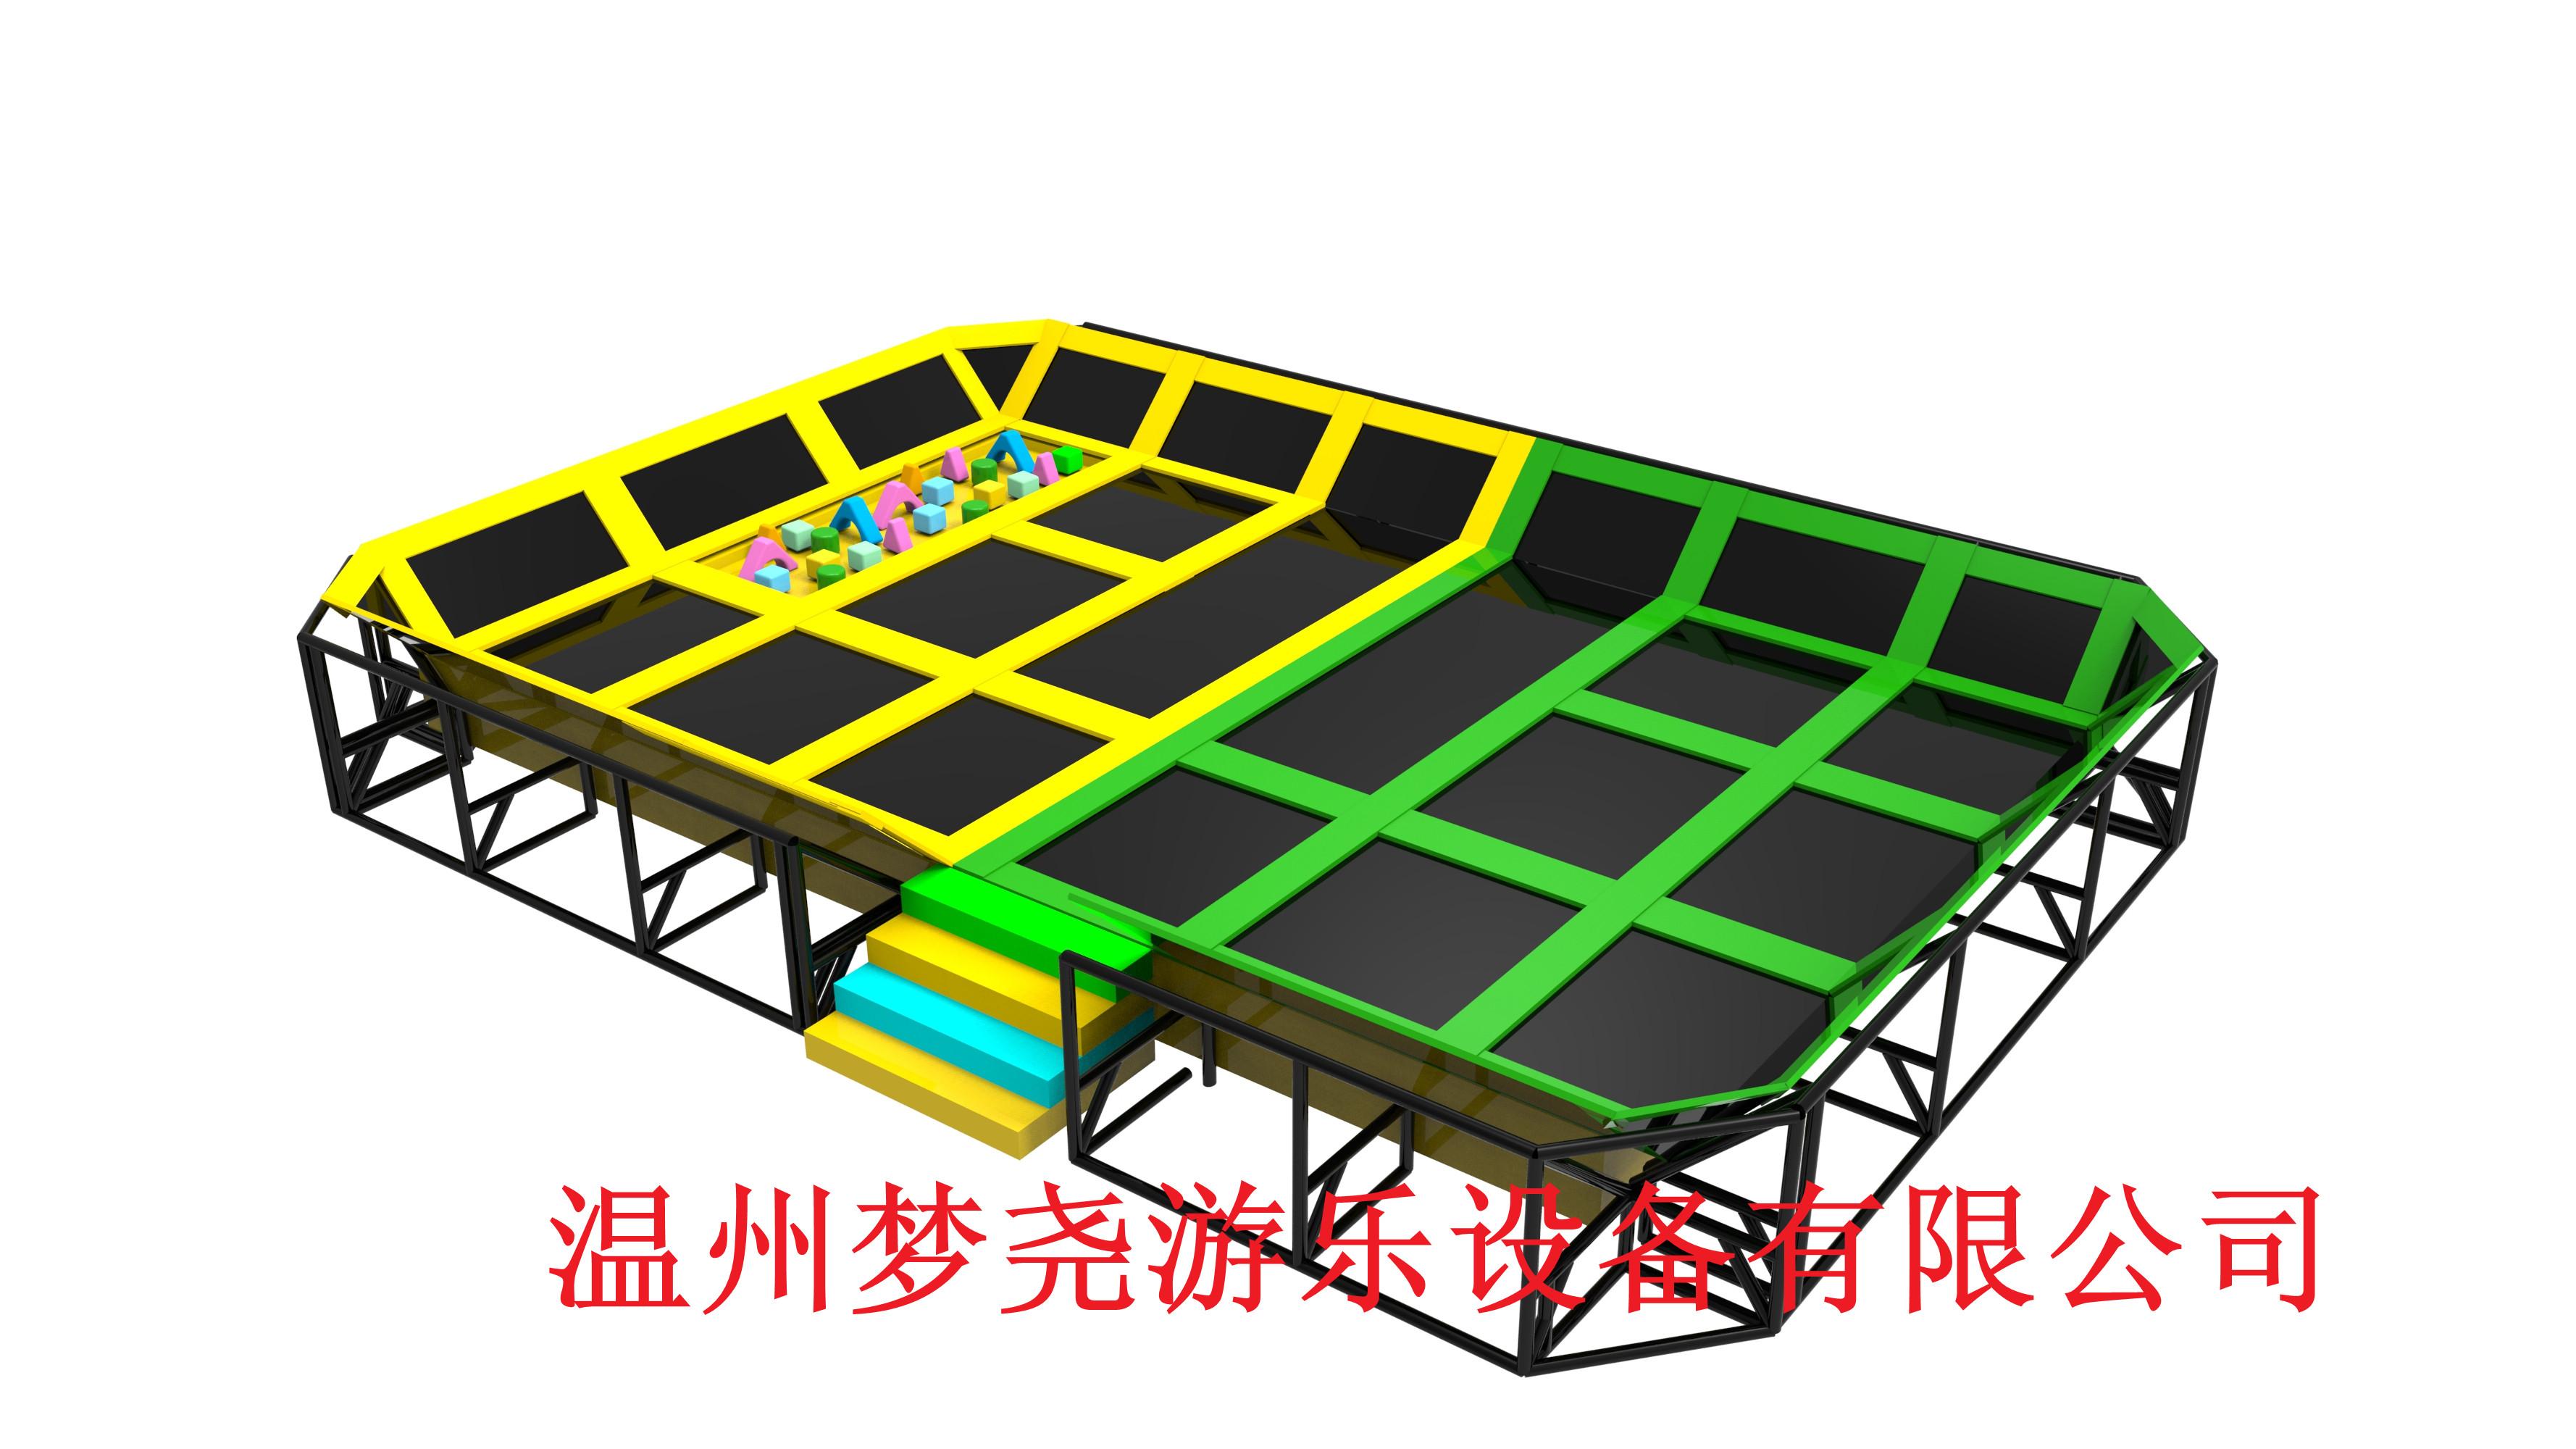 大型组合蹦床 酷跑蹦床公园 儿童室内游乐设施淘气堡 生产厂家 超级大蹦床